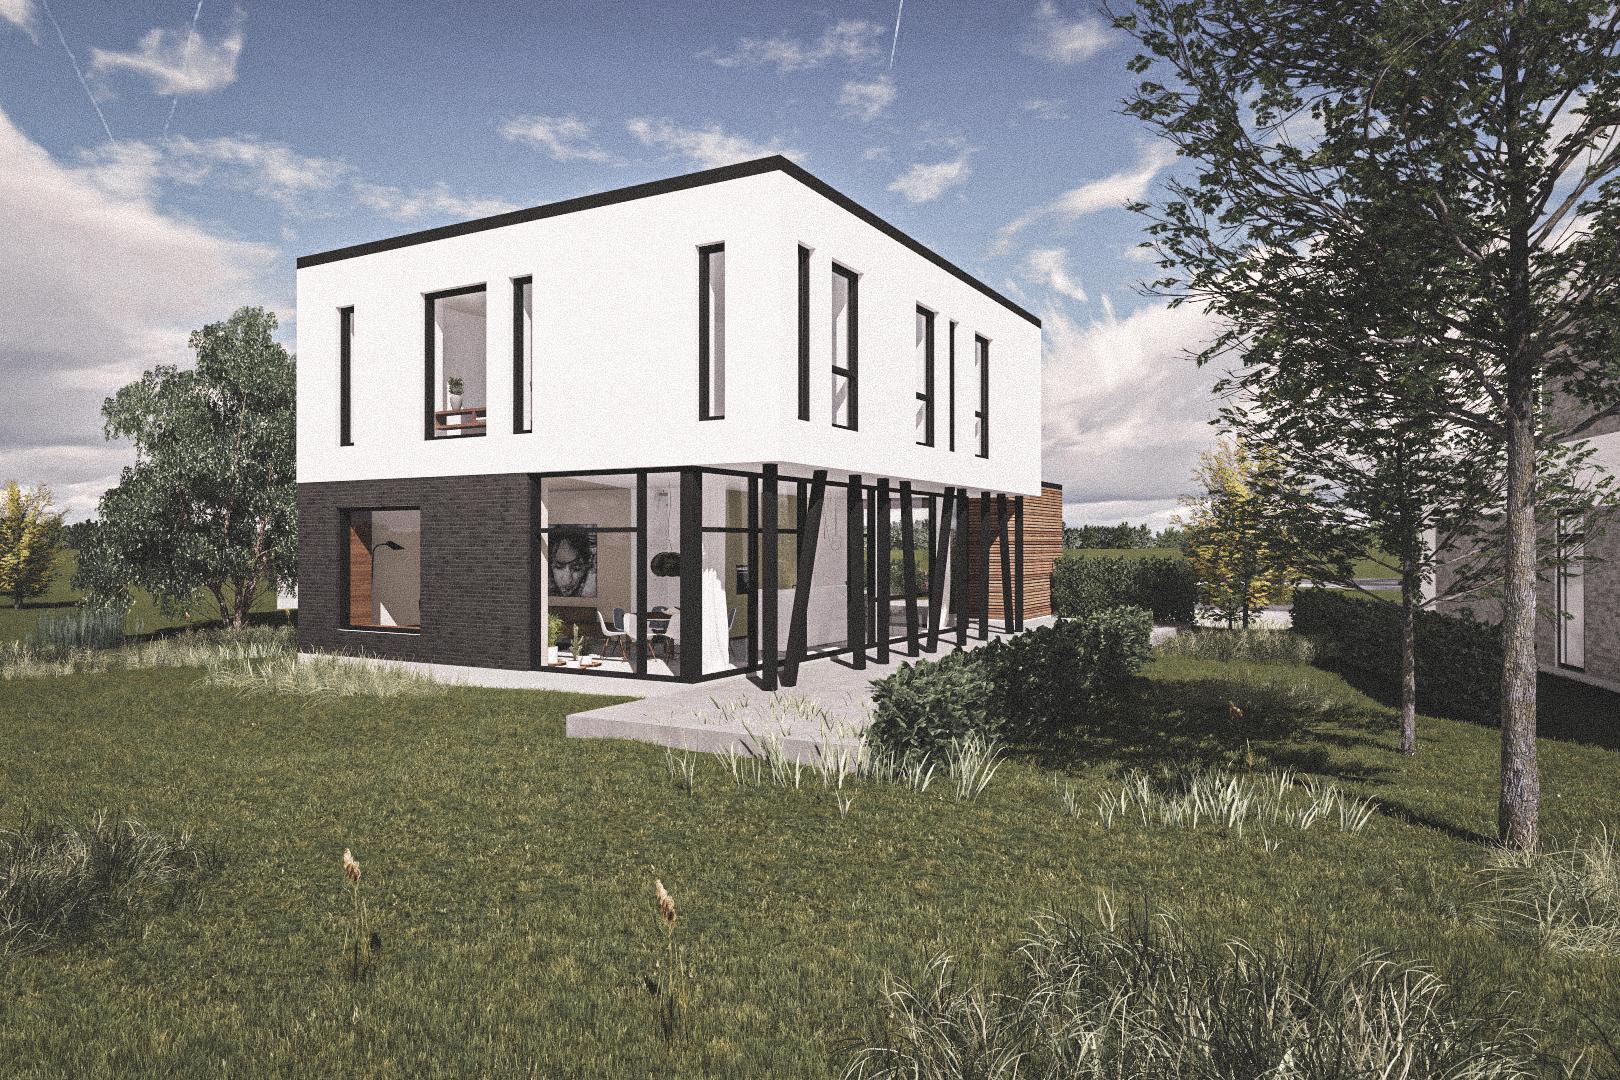 Billede af Dansk arkitekttegnet 2 plan villa af arkitektfirmaet m2plus, i Vinge på 214 kvartratmeter.